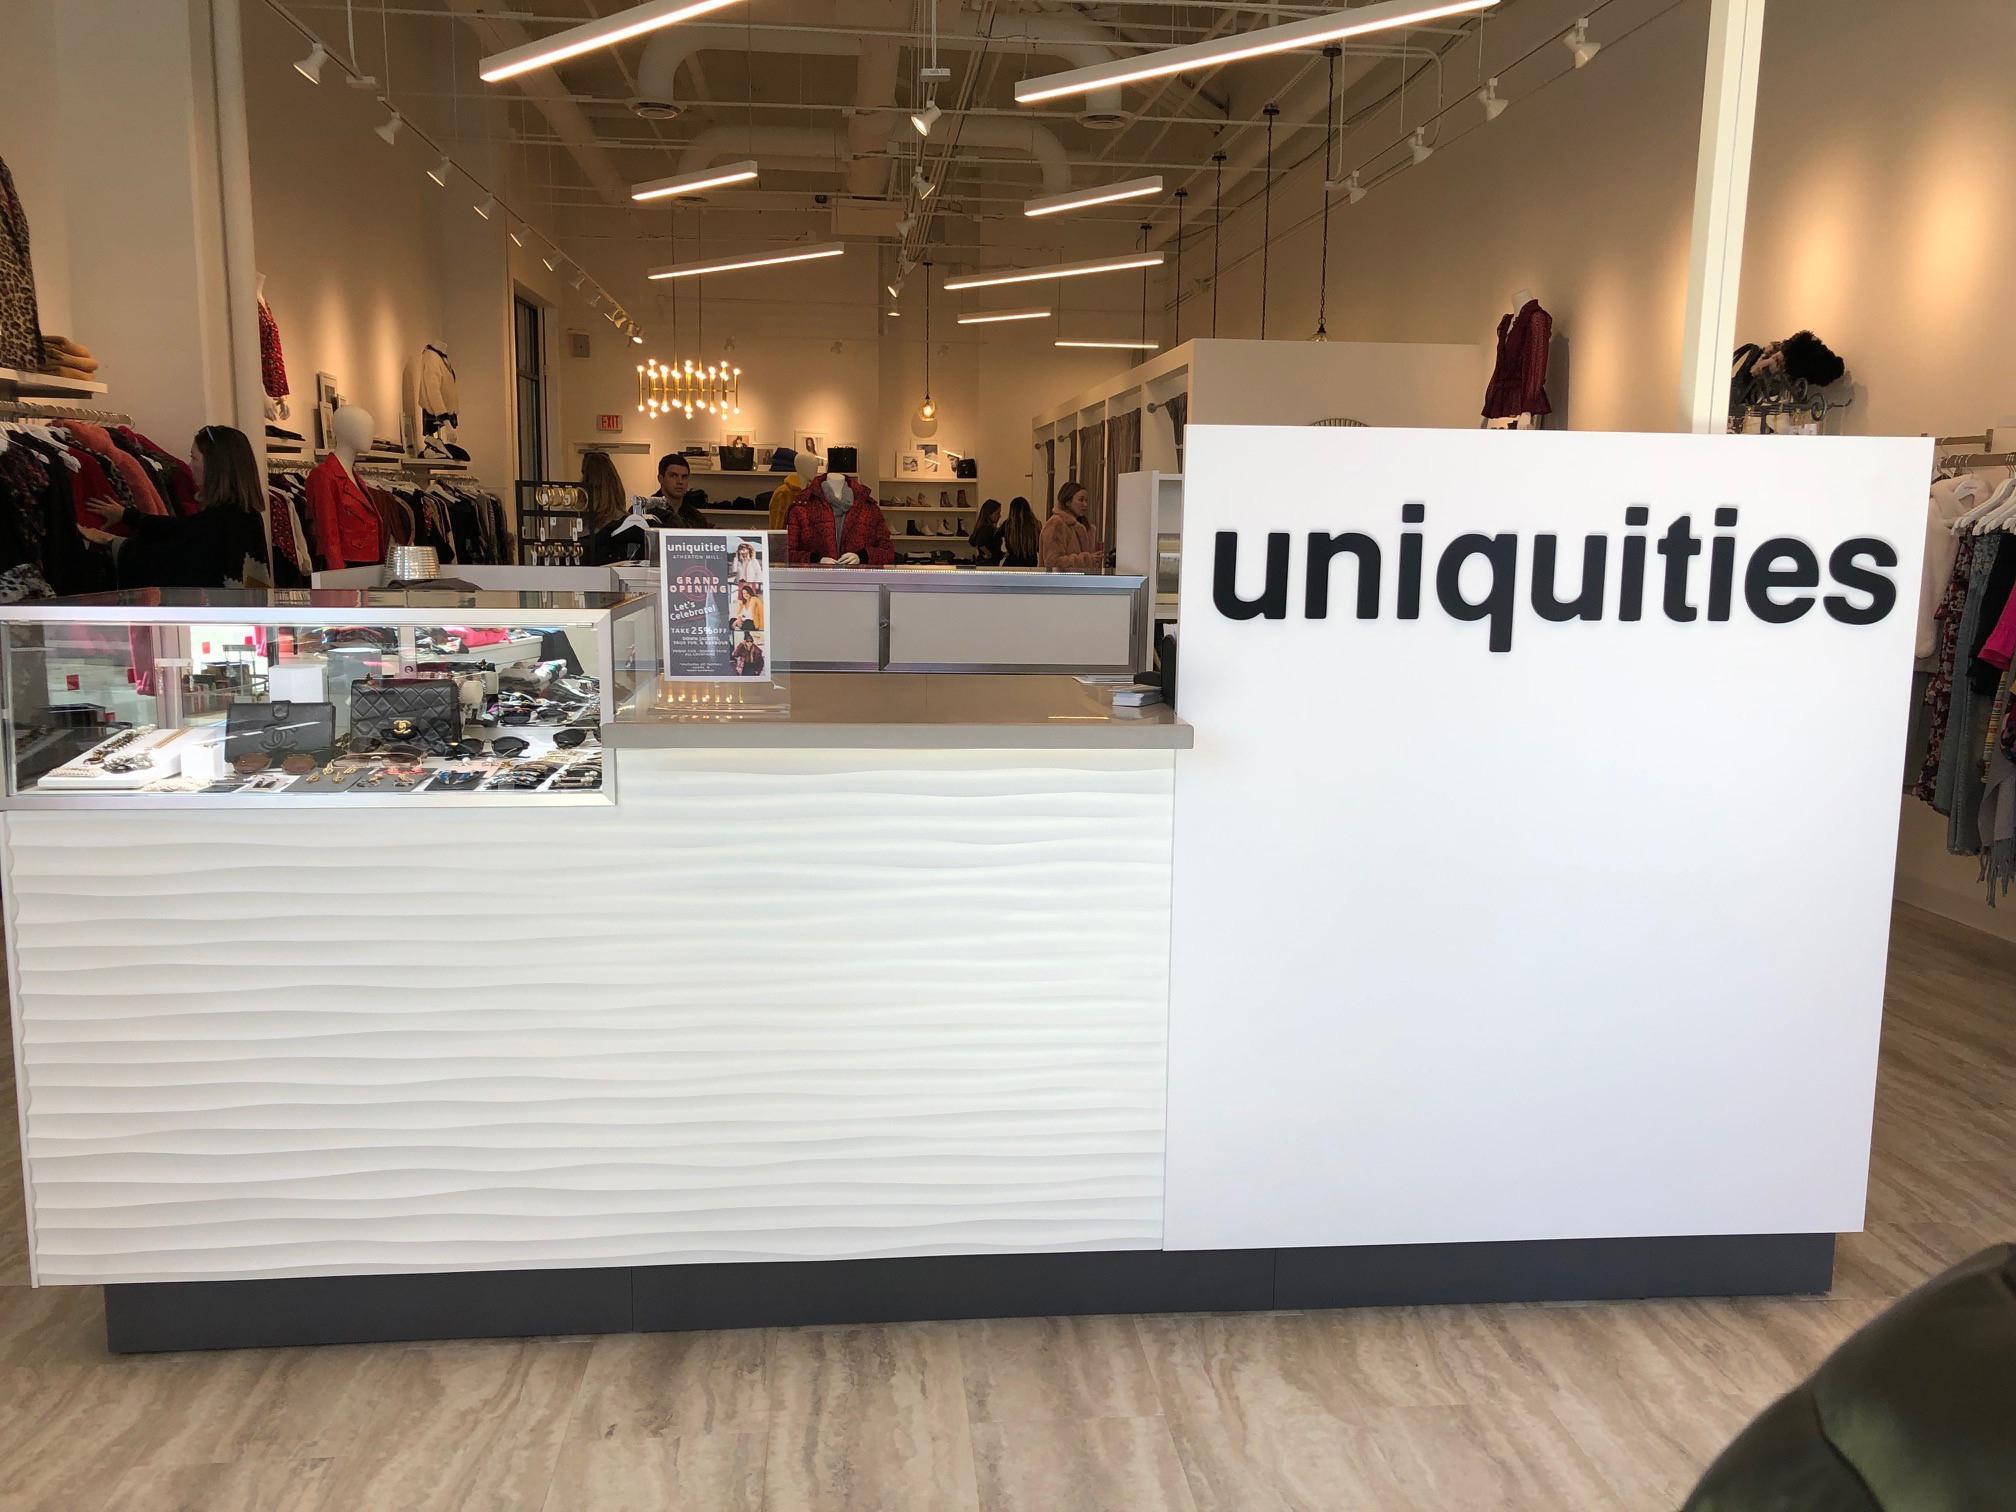 uniquities